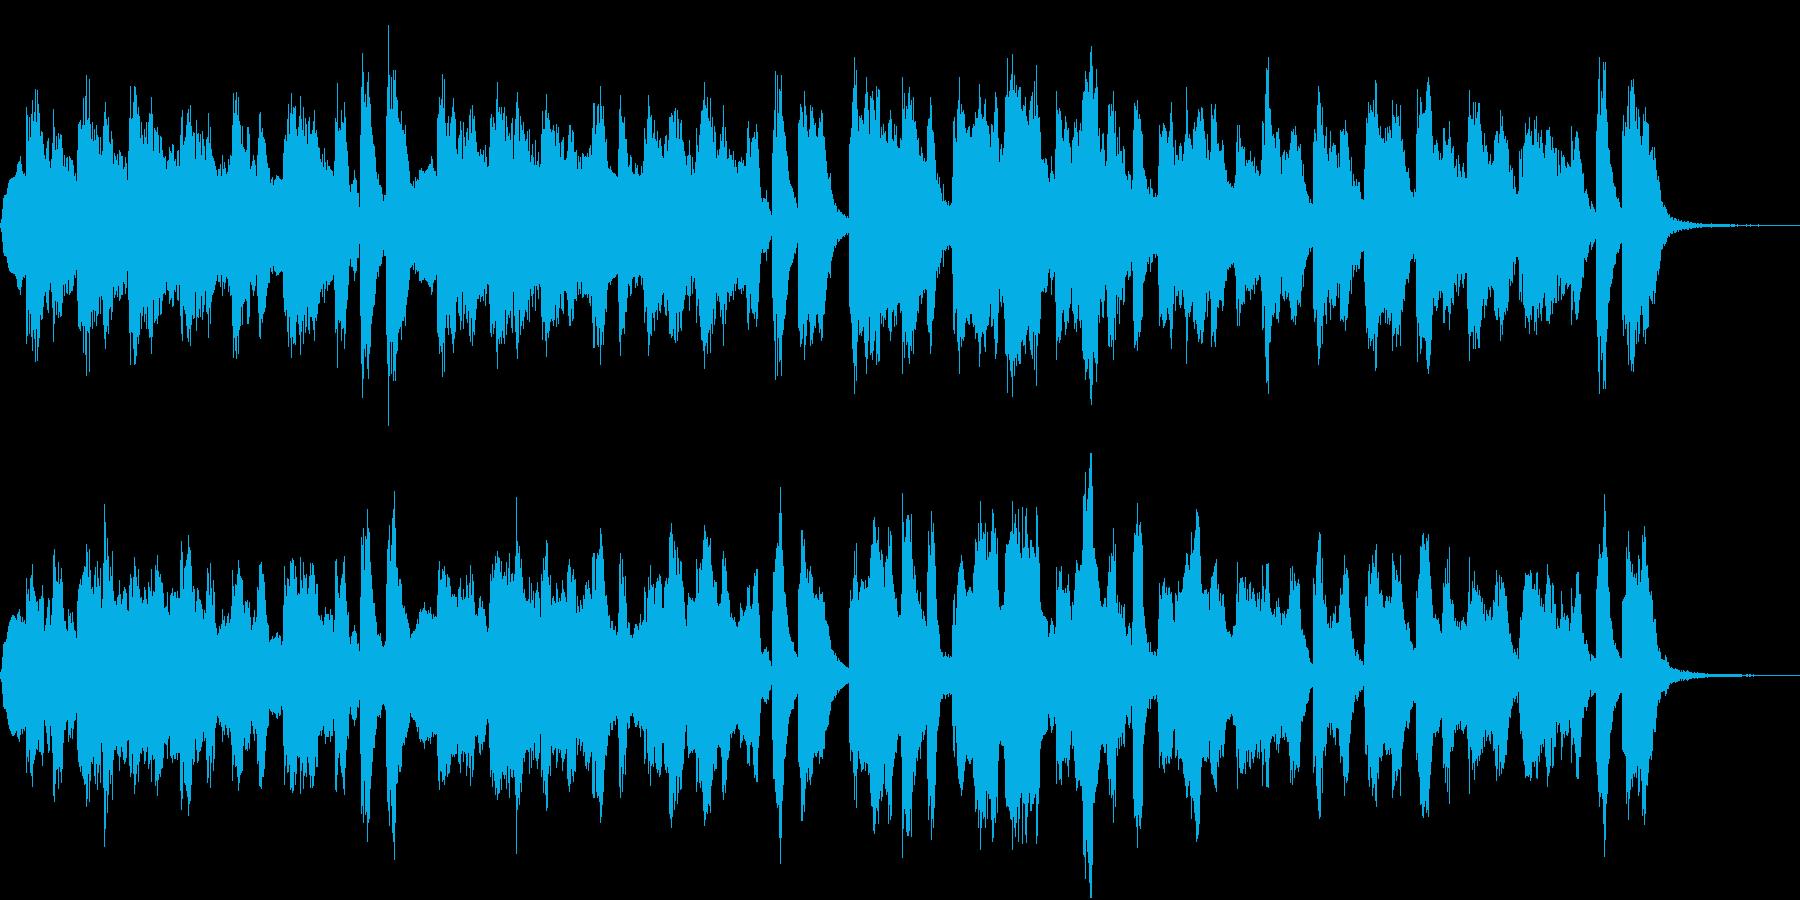 七面鳥の曲のシンセ編曲。楽しいBGMの再生済みの波形